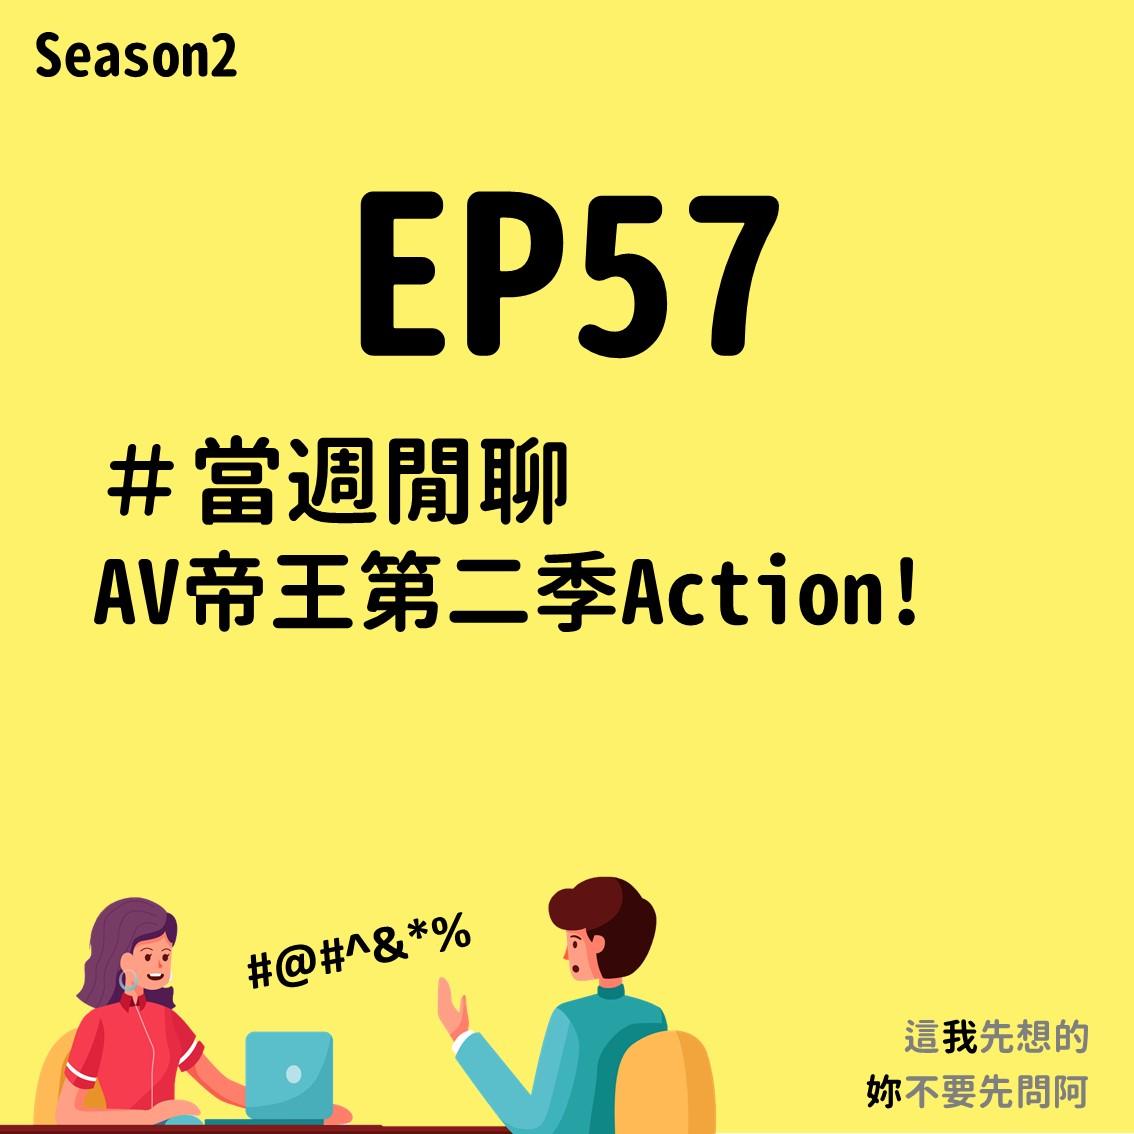 EP57 當週閒聊|AV帝王第二季Action!